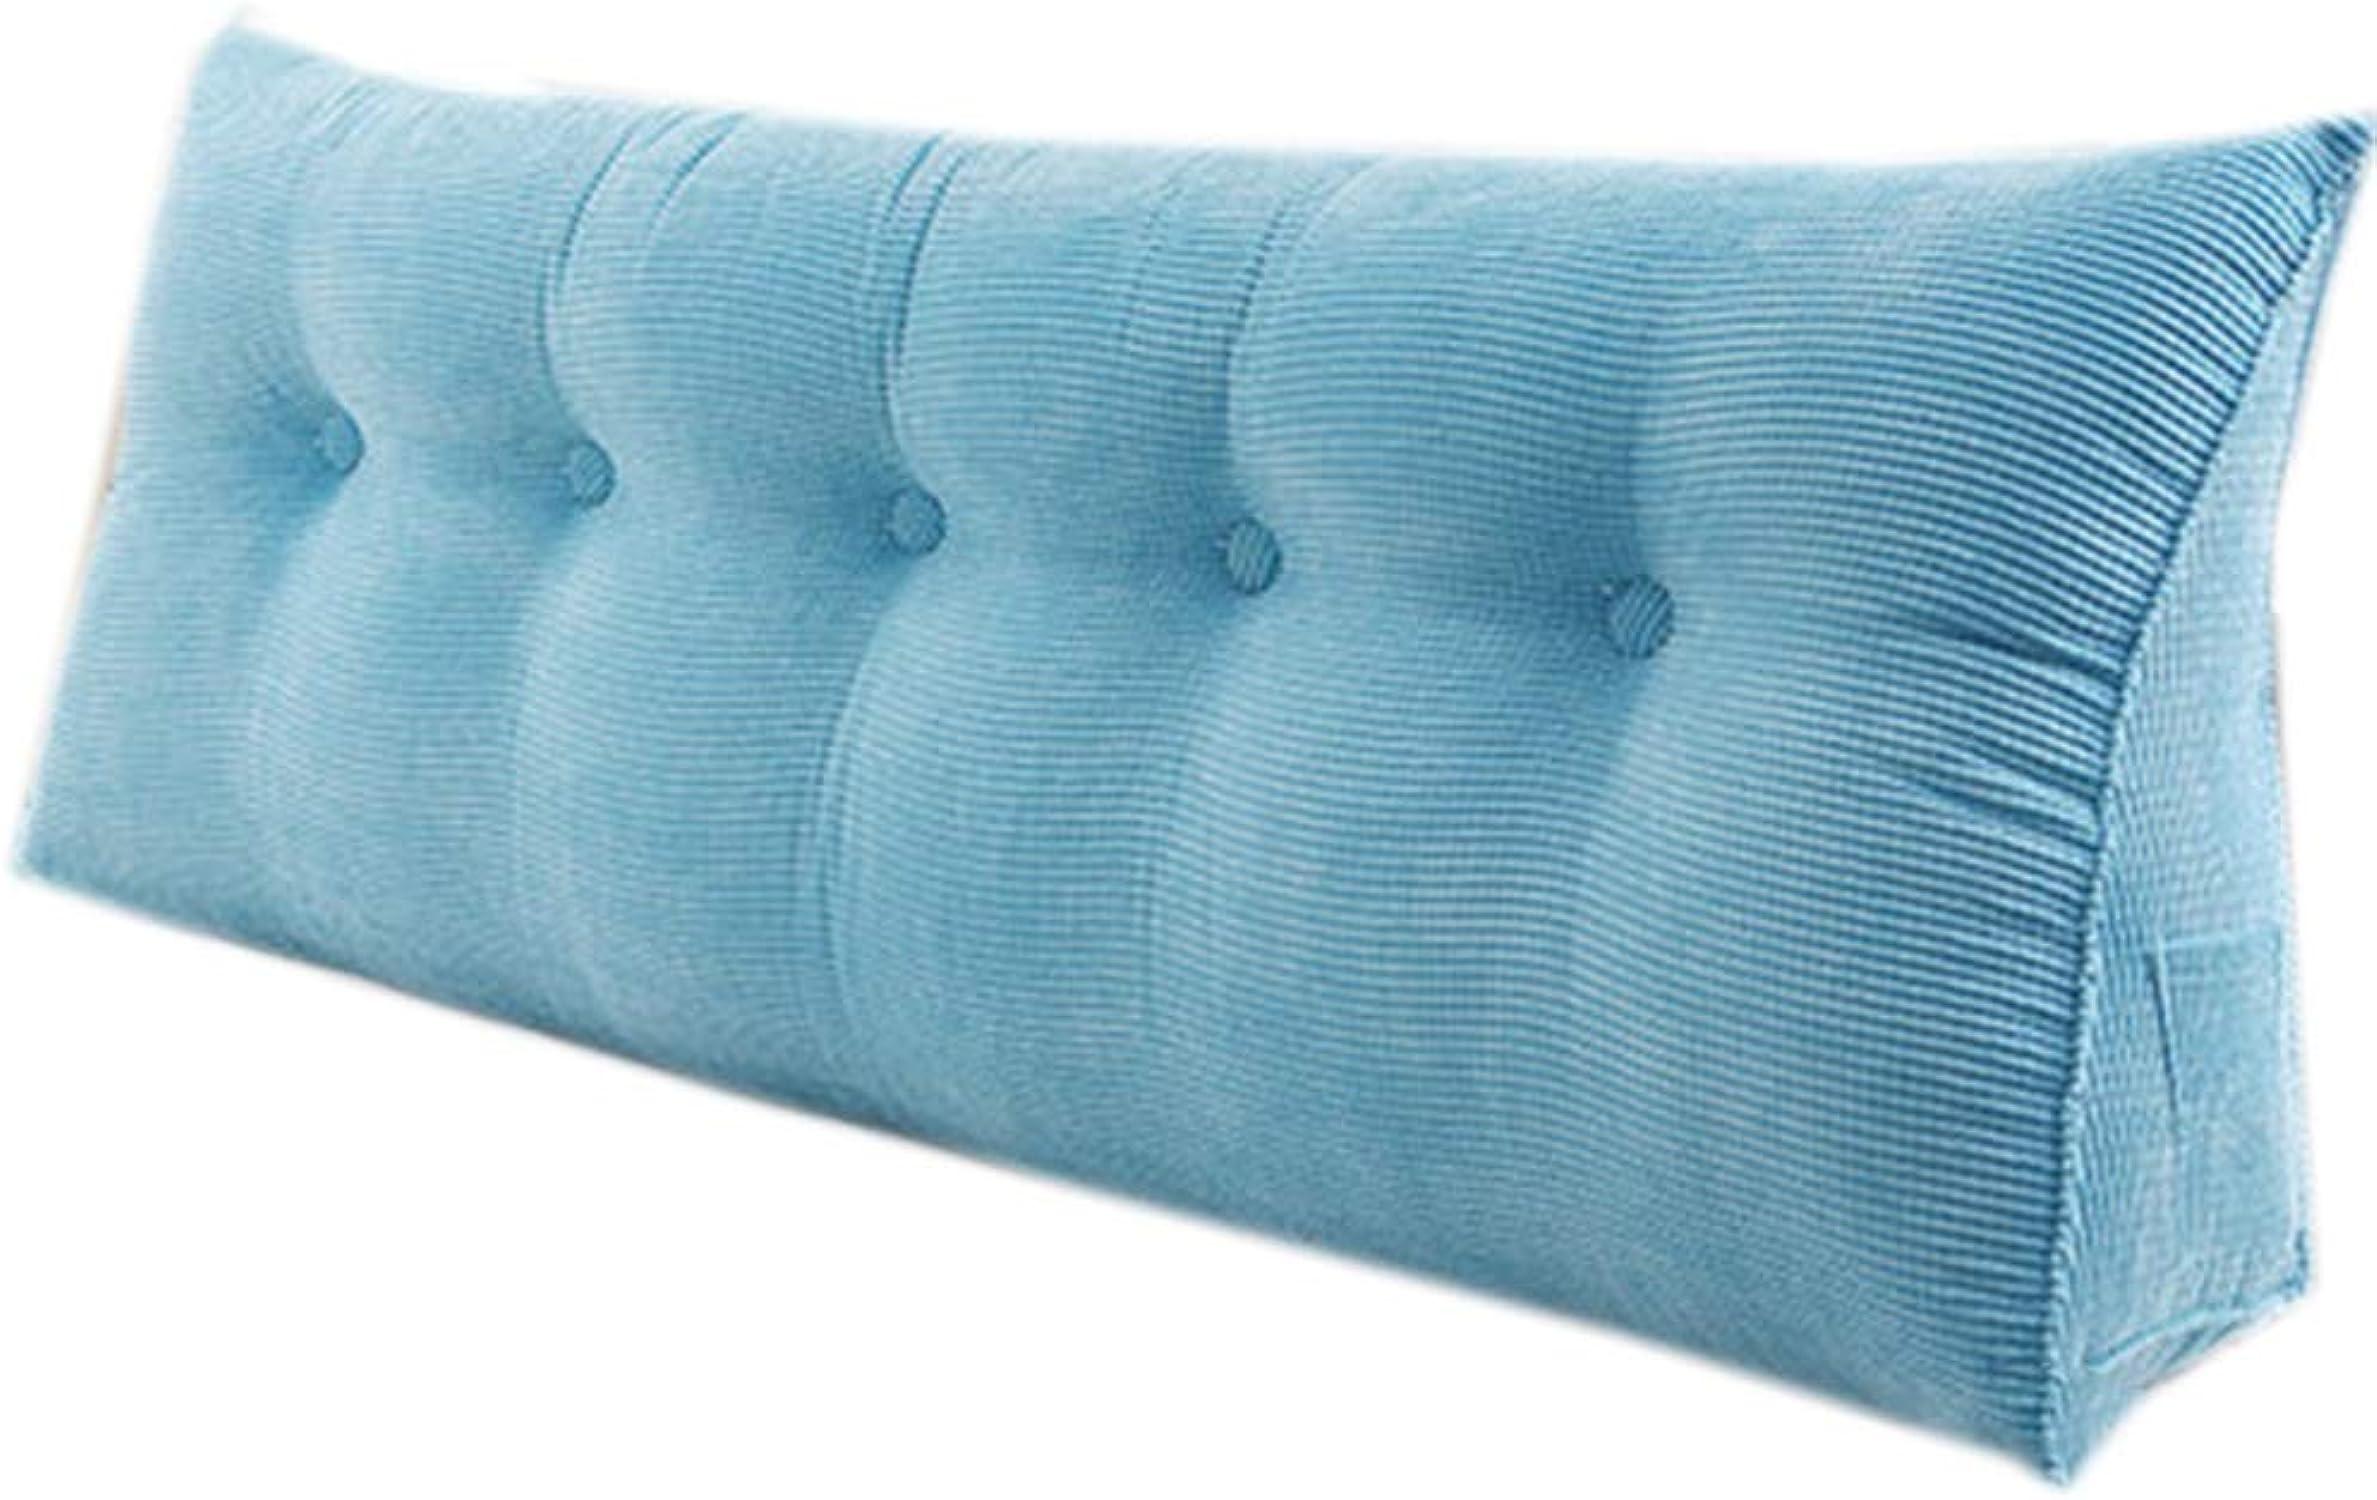 JYW-kaodian Tête De Lit Coussin Wedge PilFaible Housses De Coussins Oreiller,Lit Double Triangle lit Double Coin de lit Moderne détachable,bleu,180  23  50cm